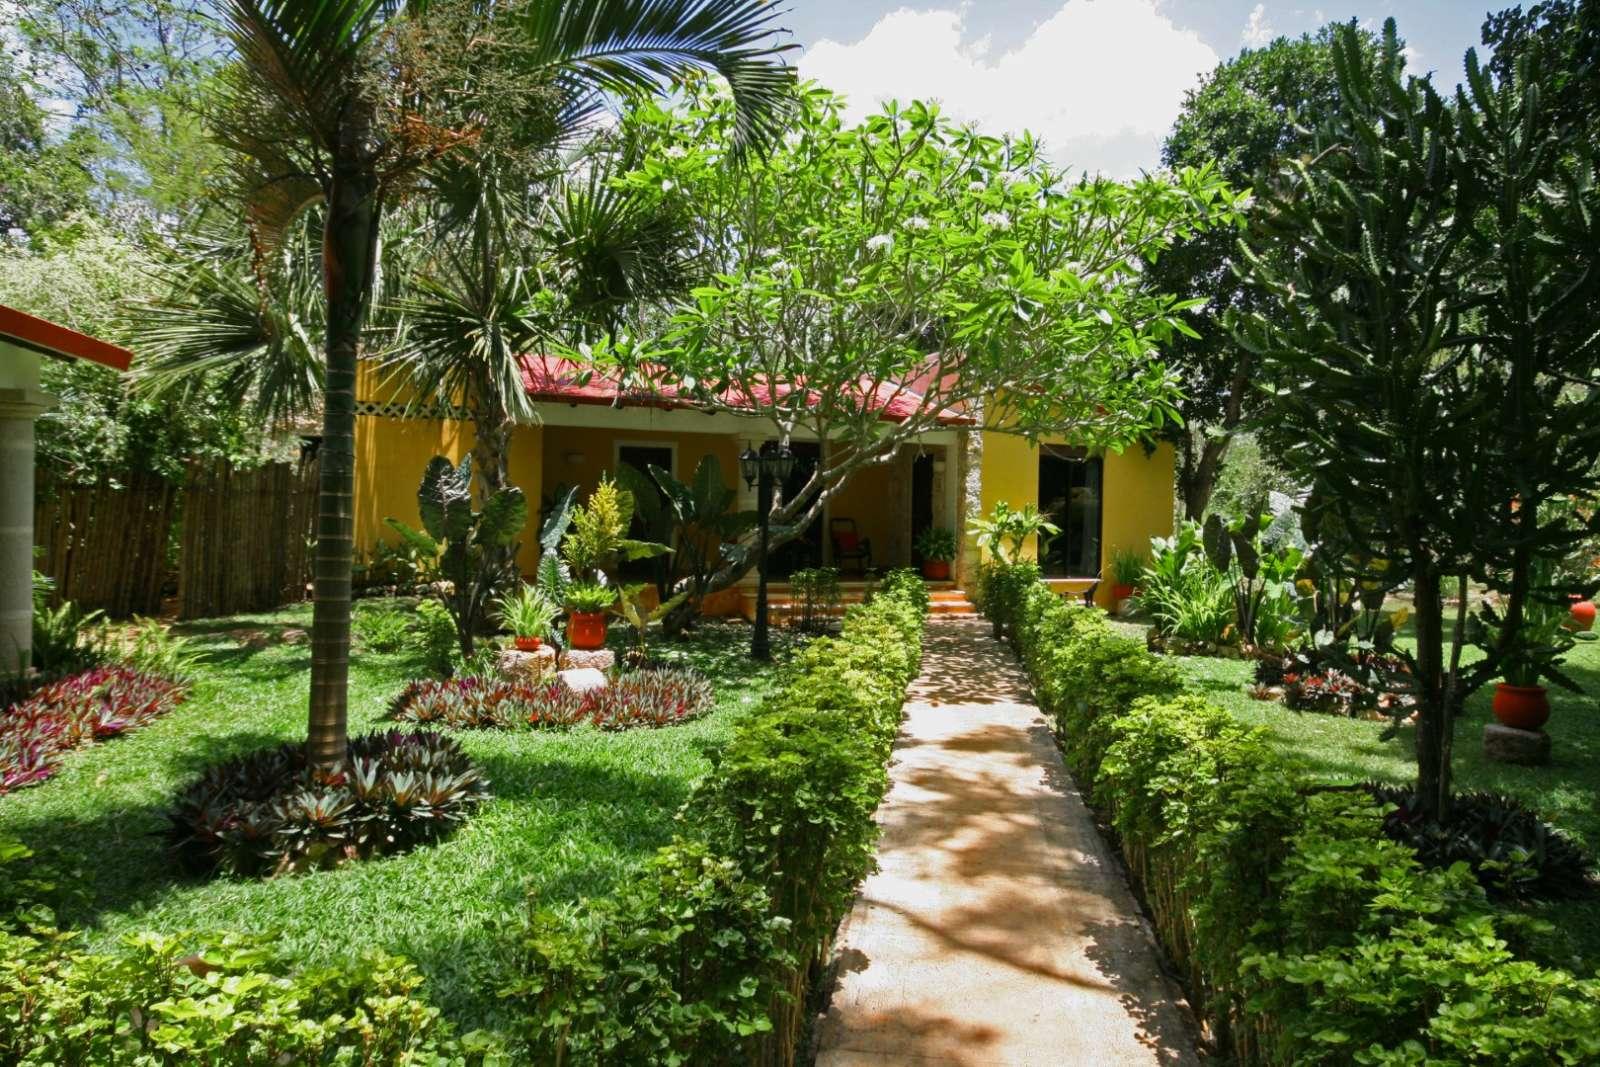 Pathway to bungalow at Hacienda Chichen Itza